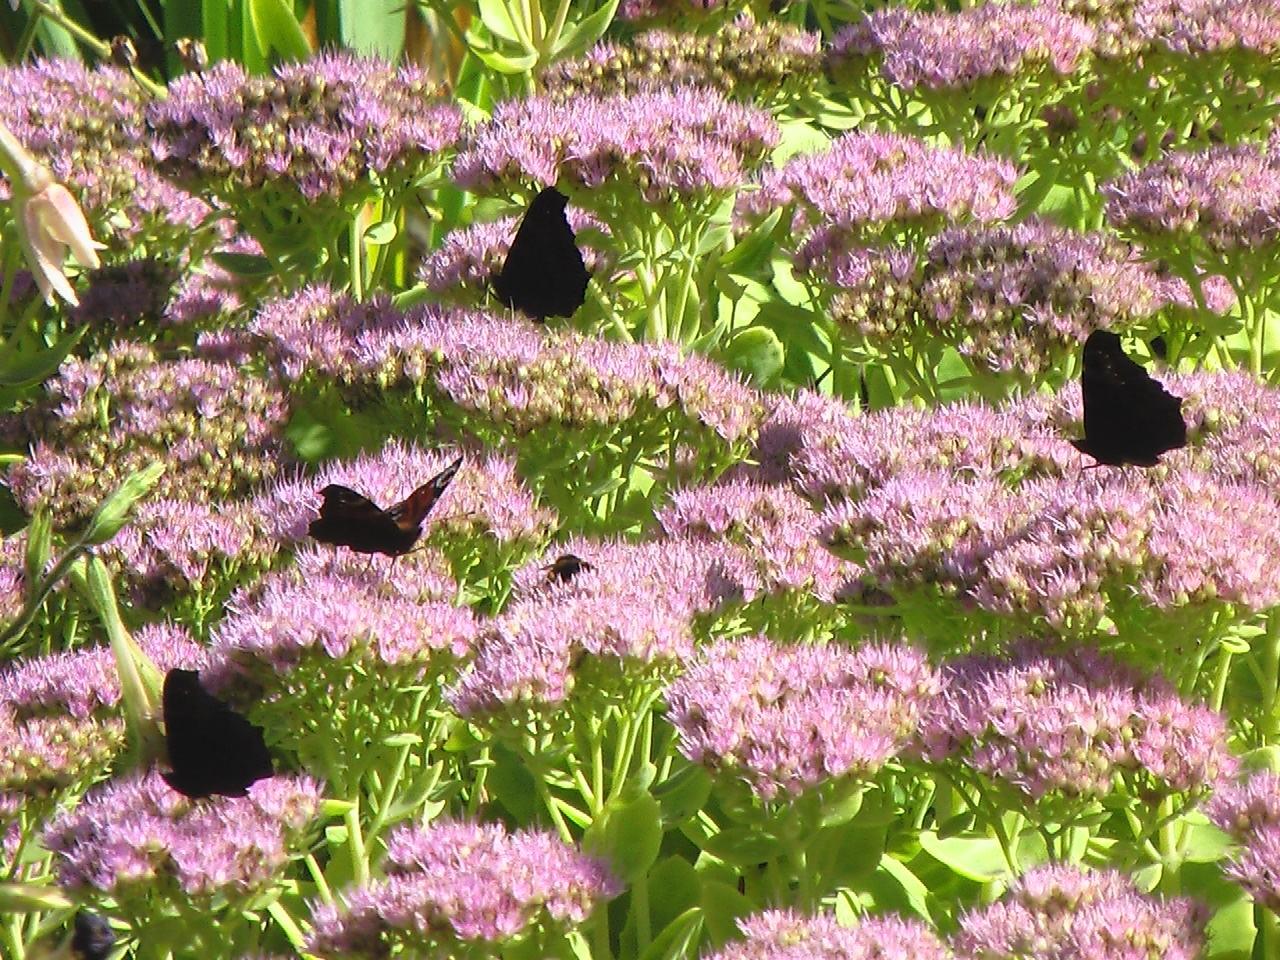 Handy-Wallpaper Pflanzen, Schmetterlinge, Blumen, Hintergrund kostenlos herunterladen.